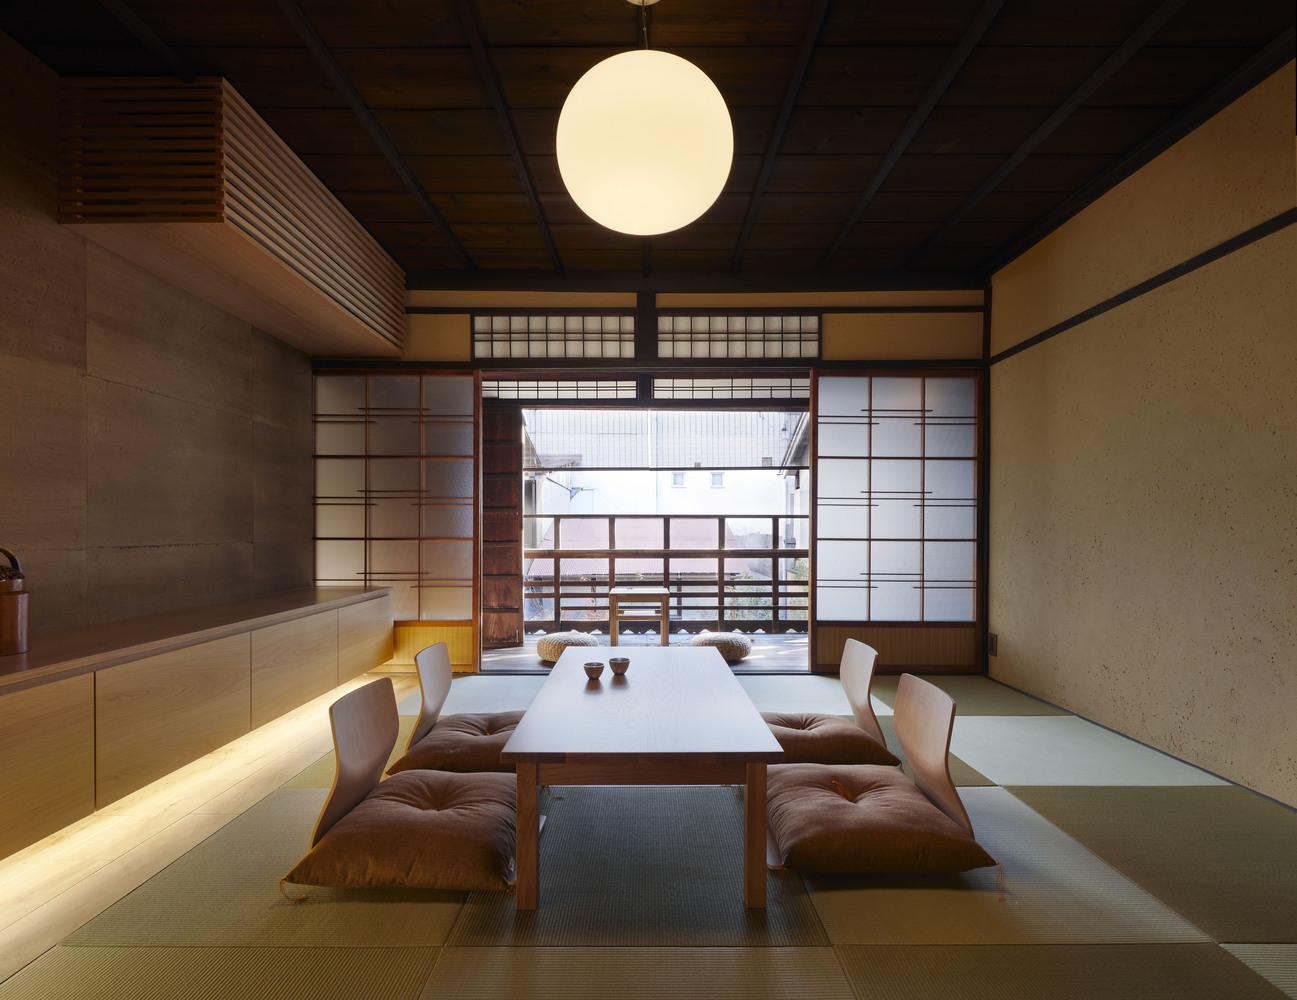 architectural design studio 1. Gallery of Guest House in Kyoto  B L U E Architecture Design Studio 1